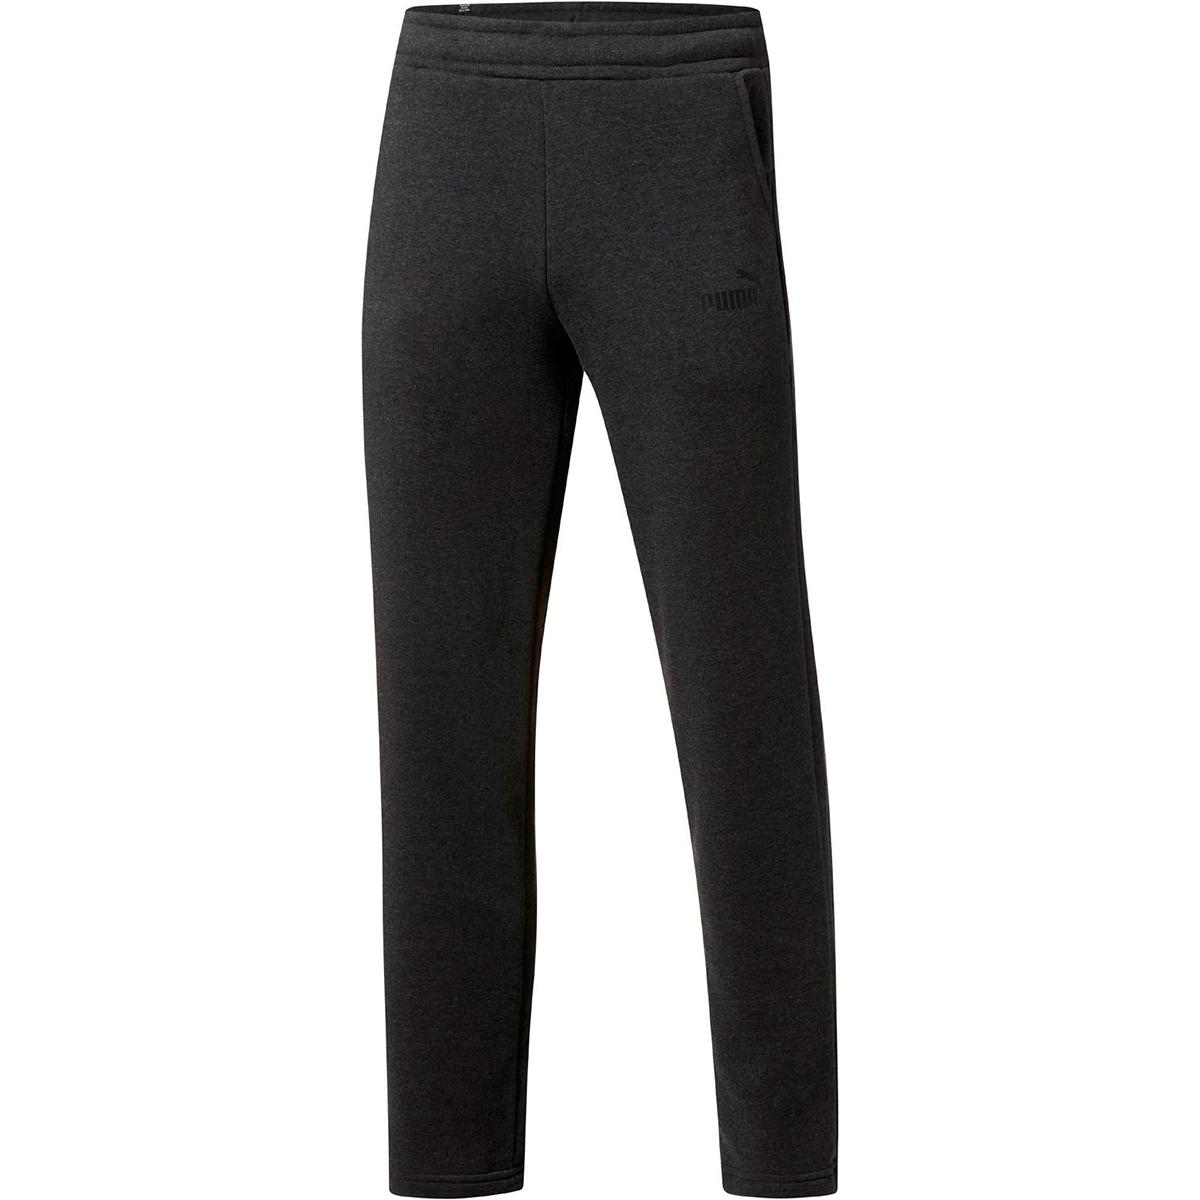 Puma Men's Essential Logo Open-Hem Pants - Black, XL